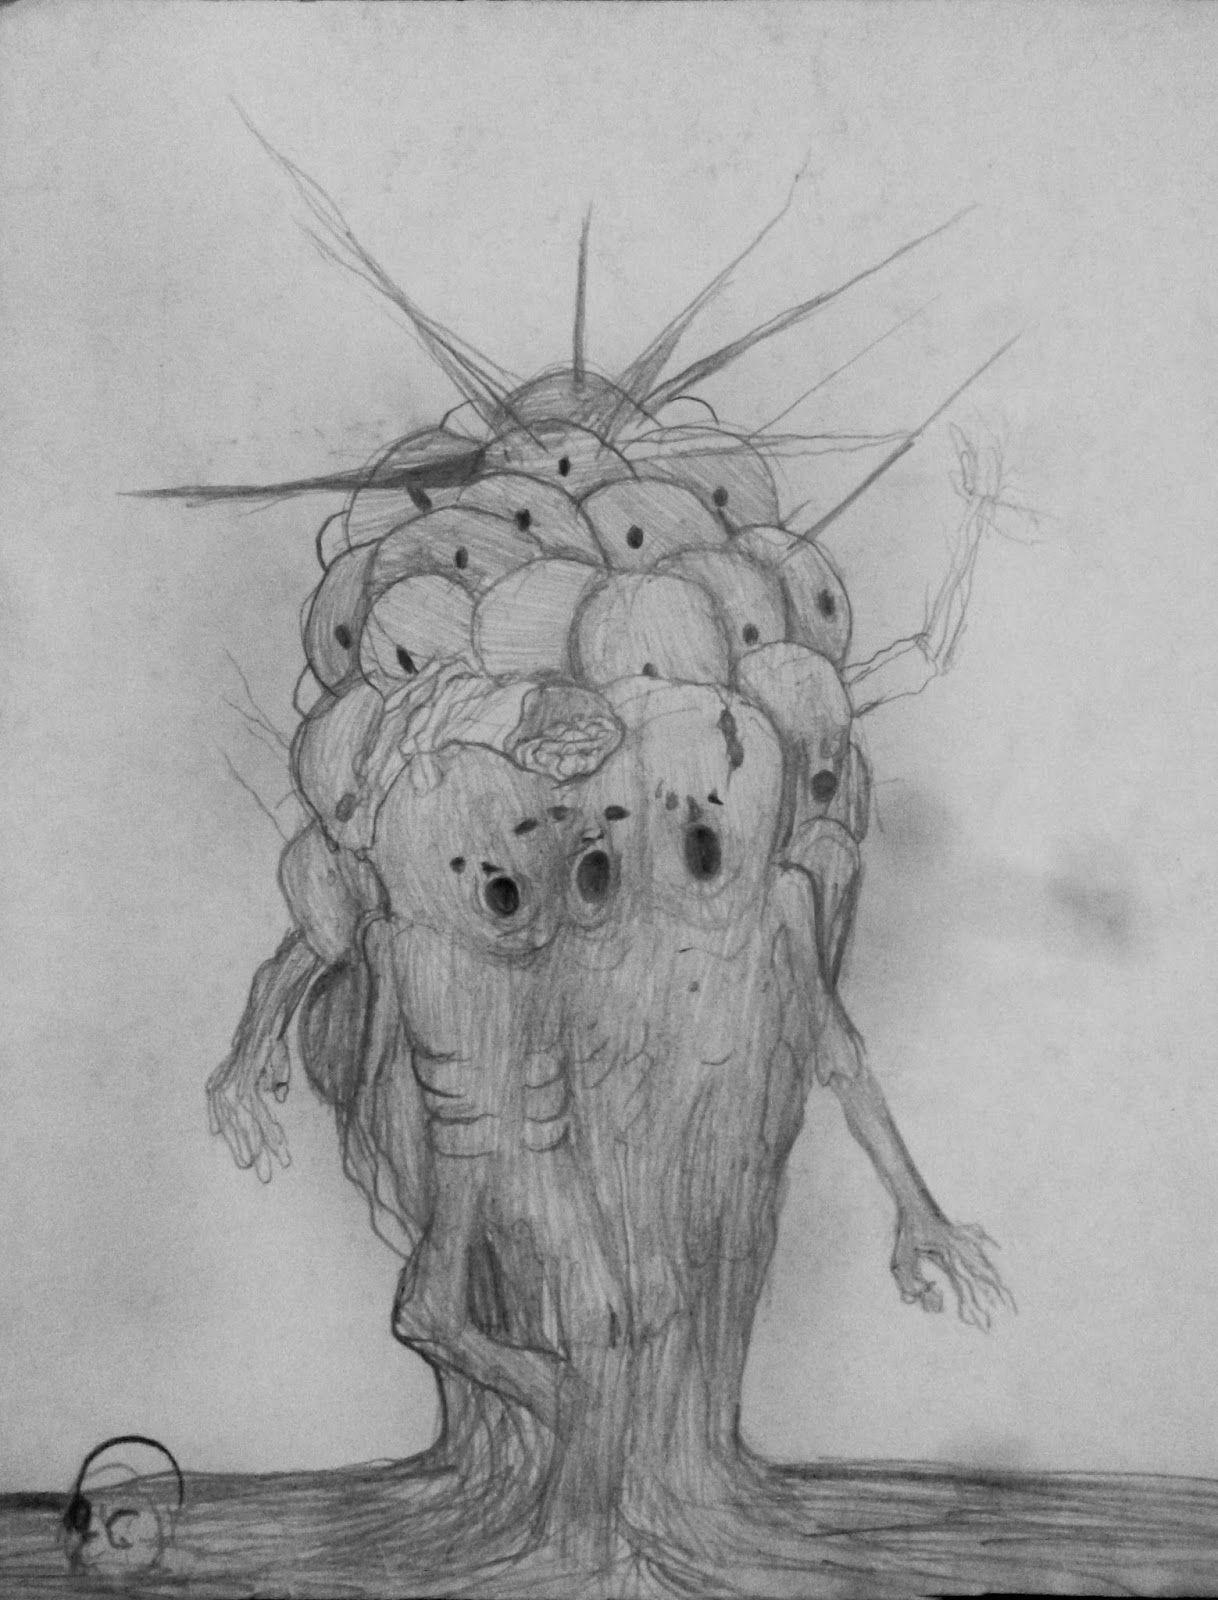 Dibujos Locos Y Raros A Lapiz Faciles Buscar Con Google Art Humanoid Sketch